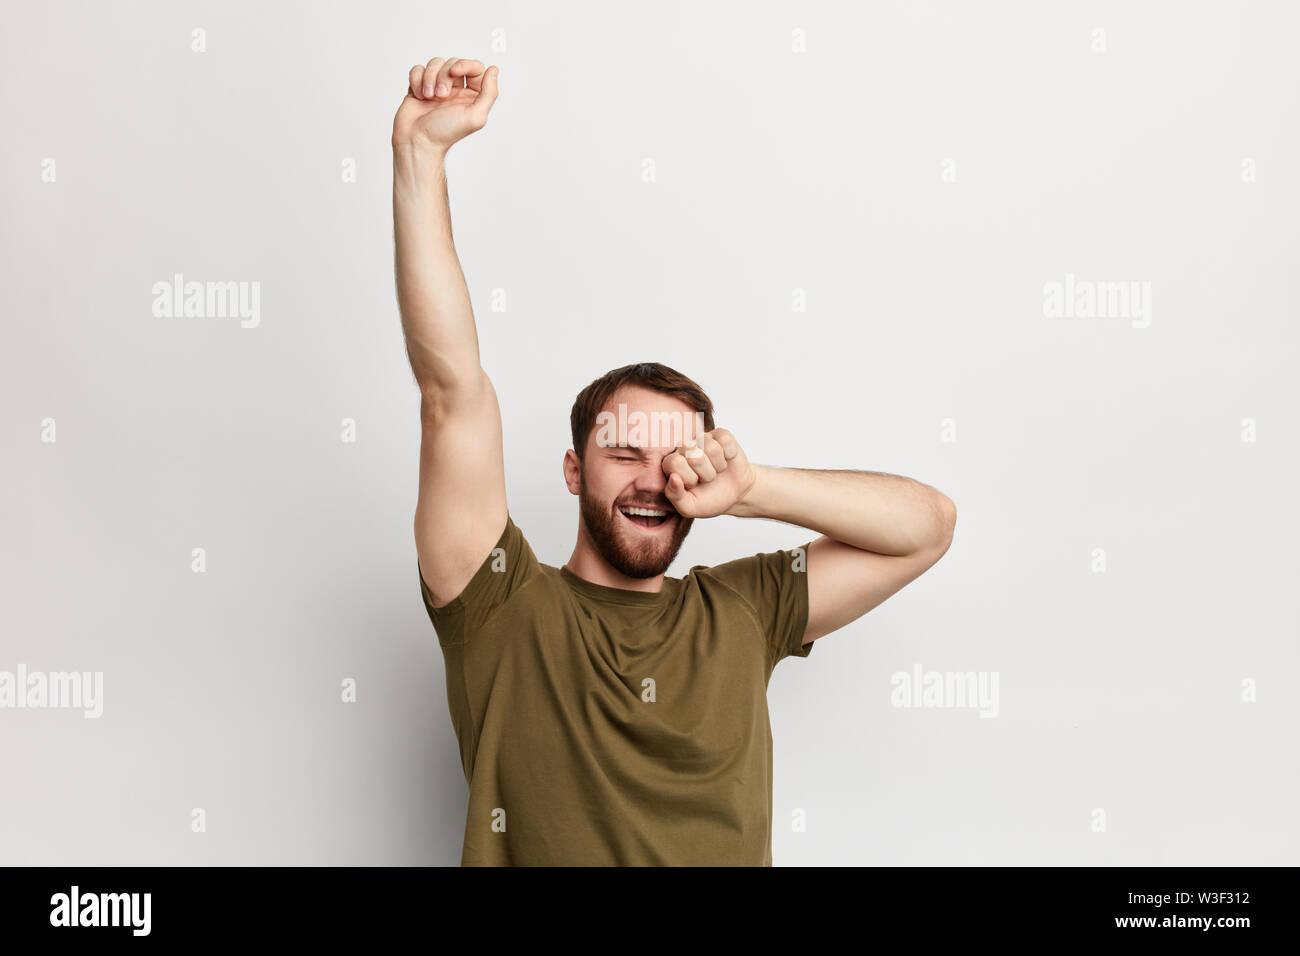 Sleepy man les bâillements et les étirements, isolé sur un fond blanc. lundi, joyeux guy ayant bonne humeur le matin Photo Stock